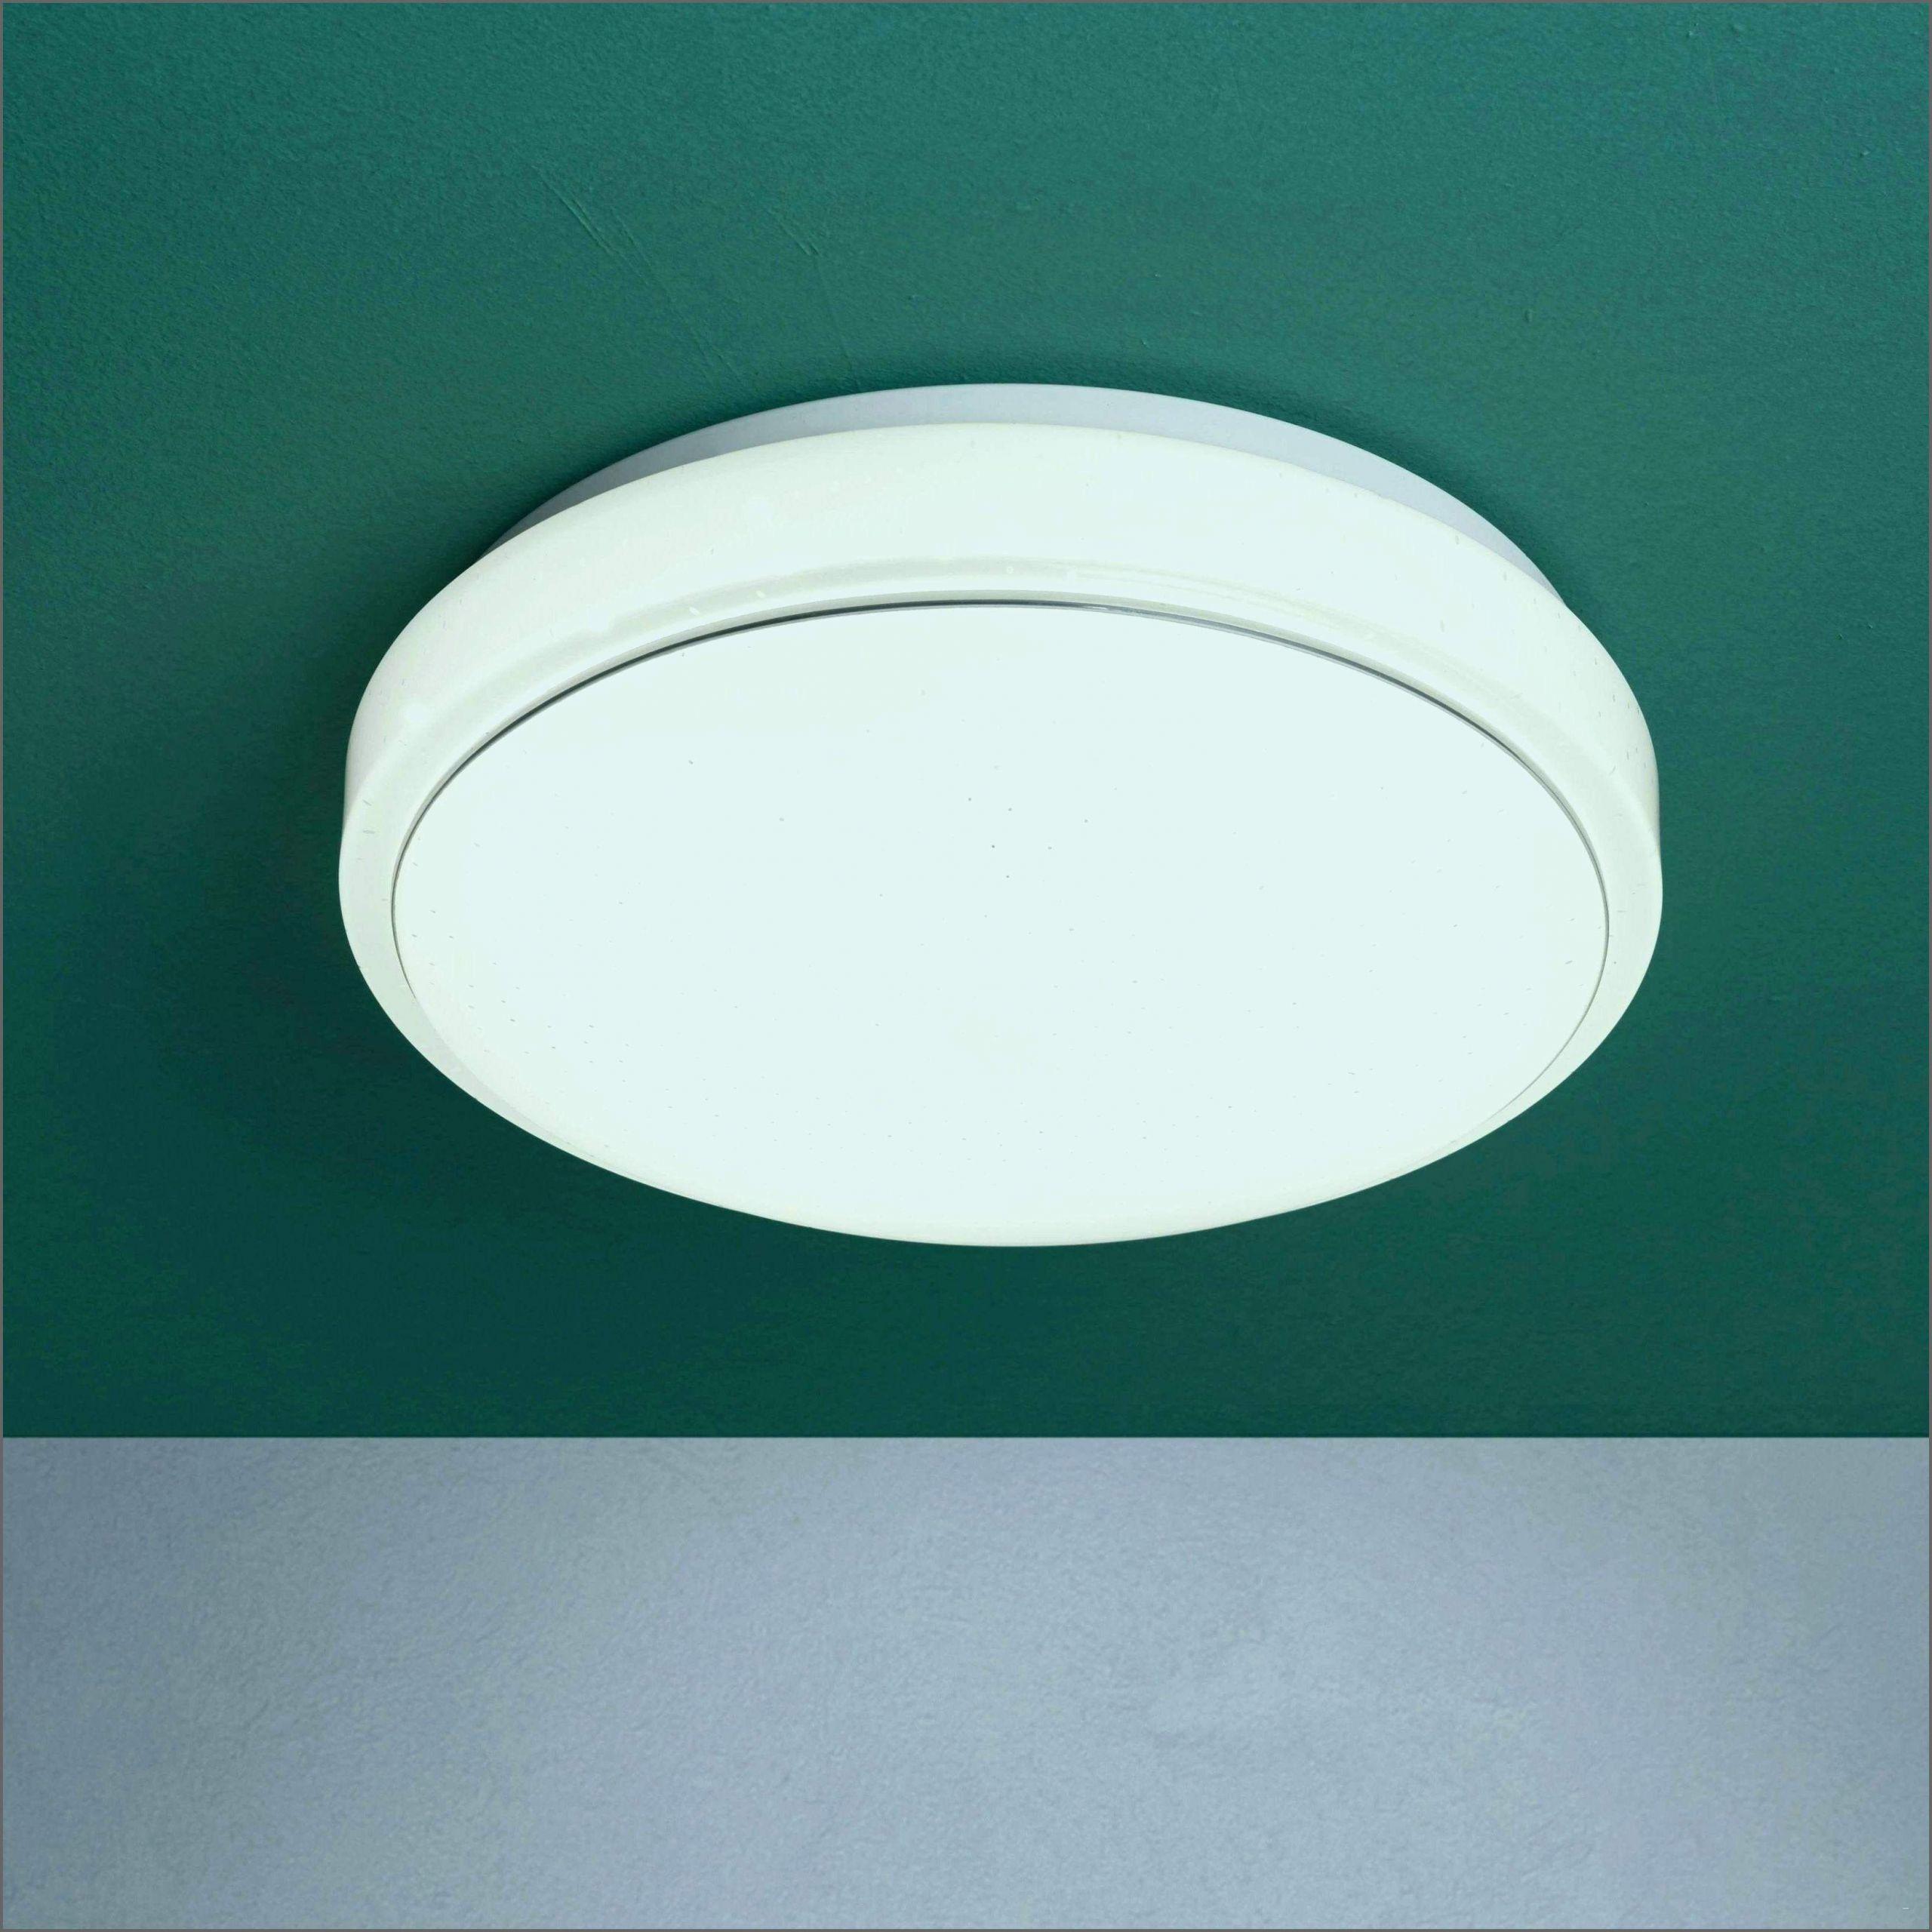 leuchten wohnzimmer einzigartig 34 grosartig und makellos led lampen wohnzimmer of leuchten wohnzimmer